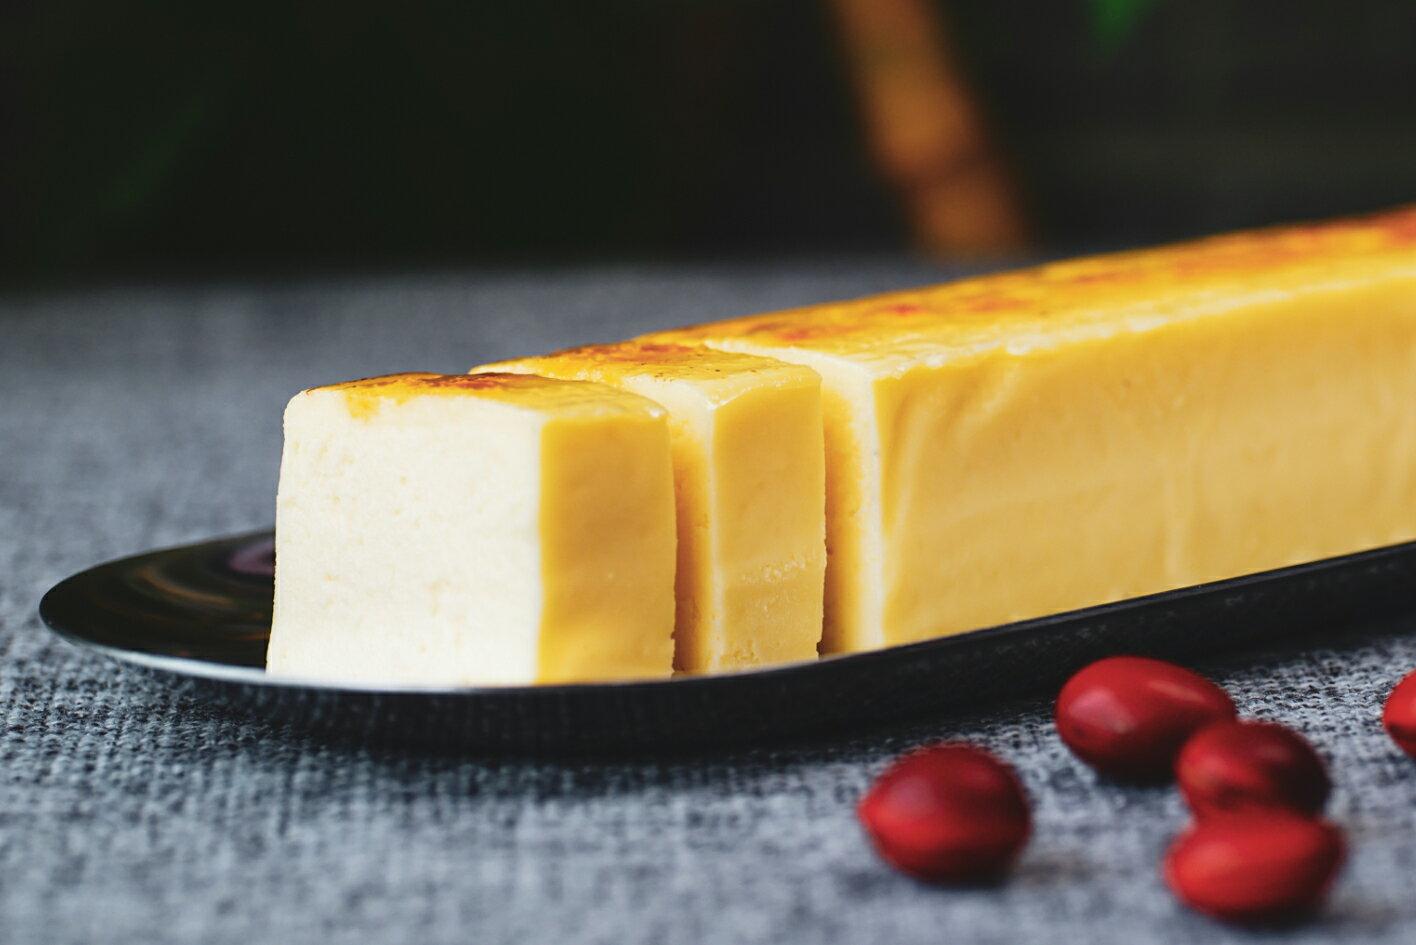 台灣泰雅 Cheese  cake 310g